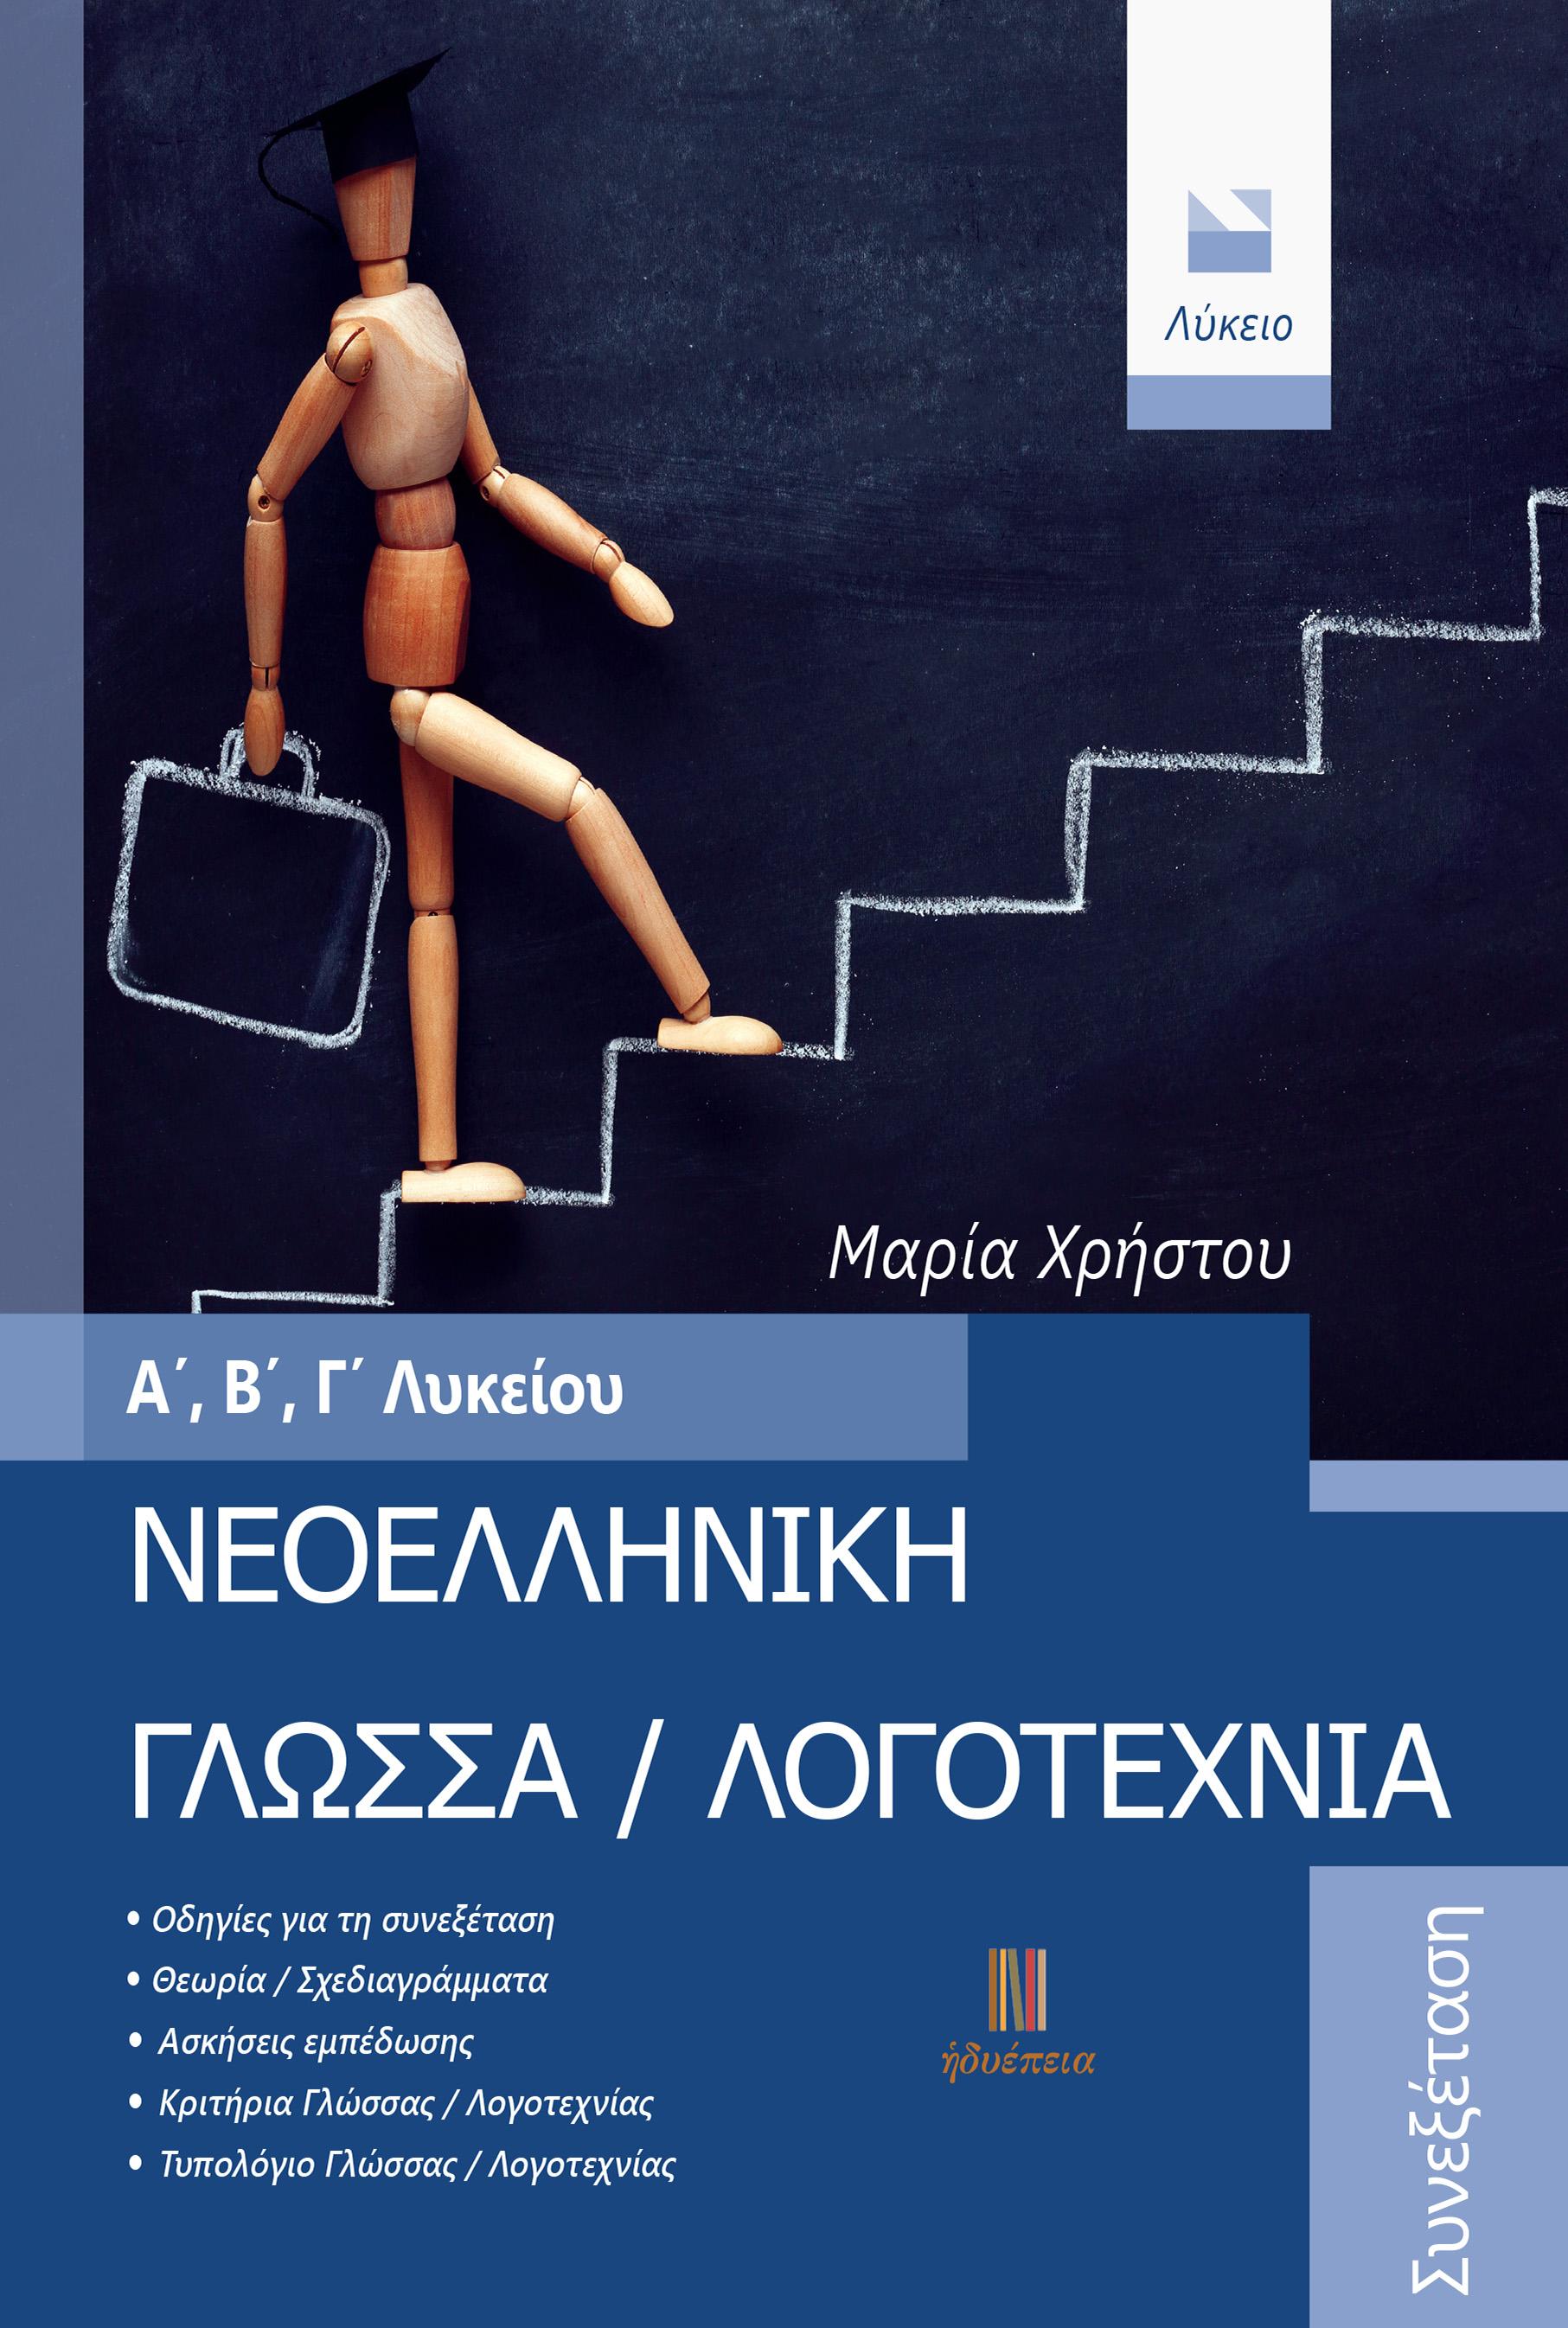 Νεοελληνική Γλώσσα / Λογοτεχνία Α΄, Β΄, Γ΄ Λυκείου